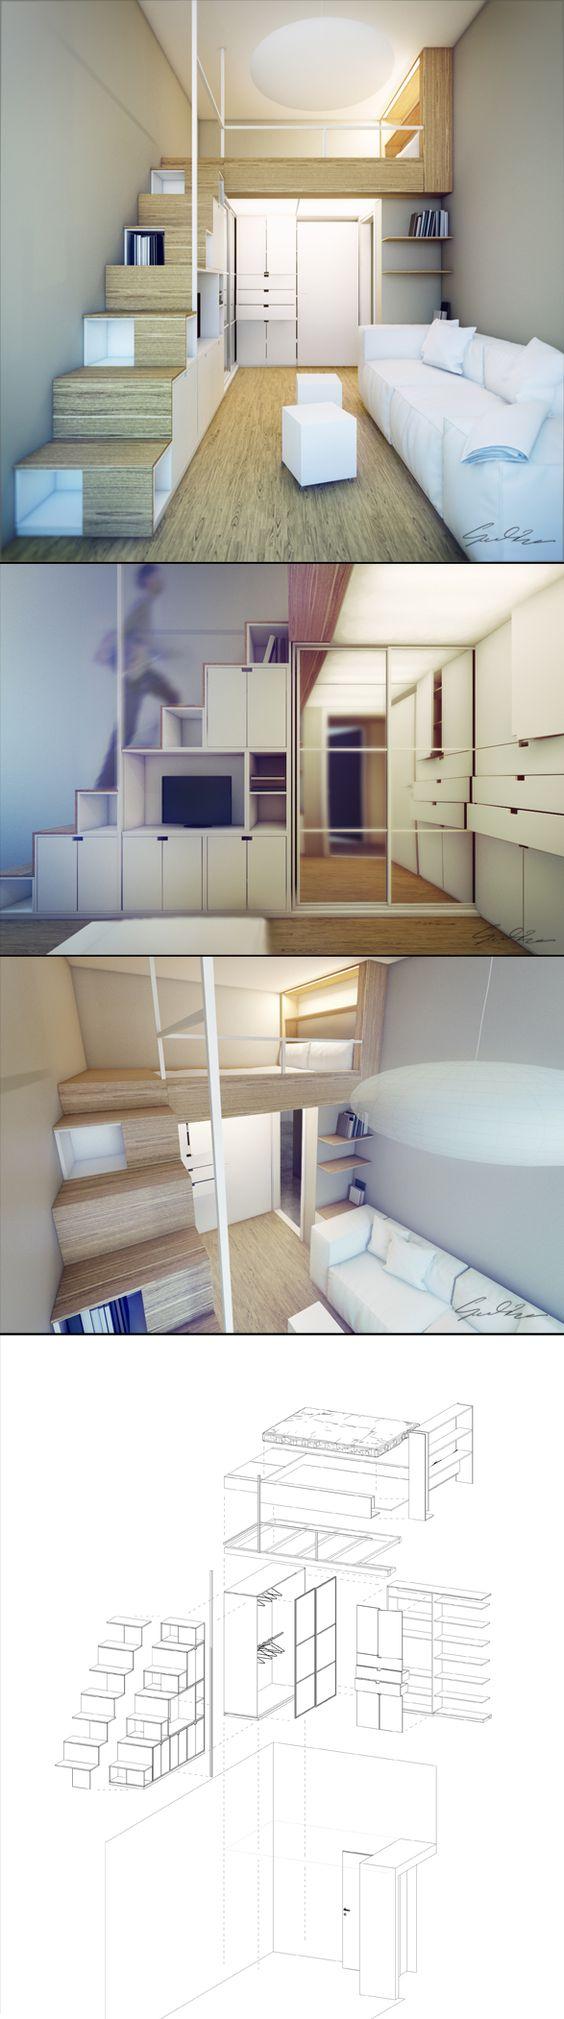 mezzanine pour chambre c t rue rangement sous dans. Black Bedroom Furniture Sets. Home Design Ideas